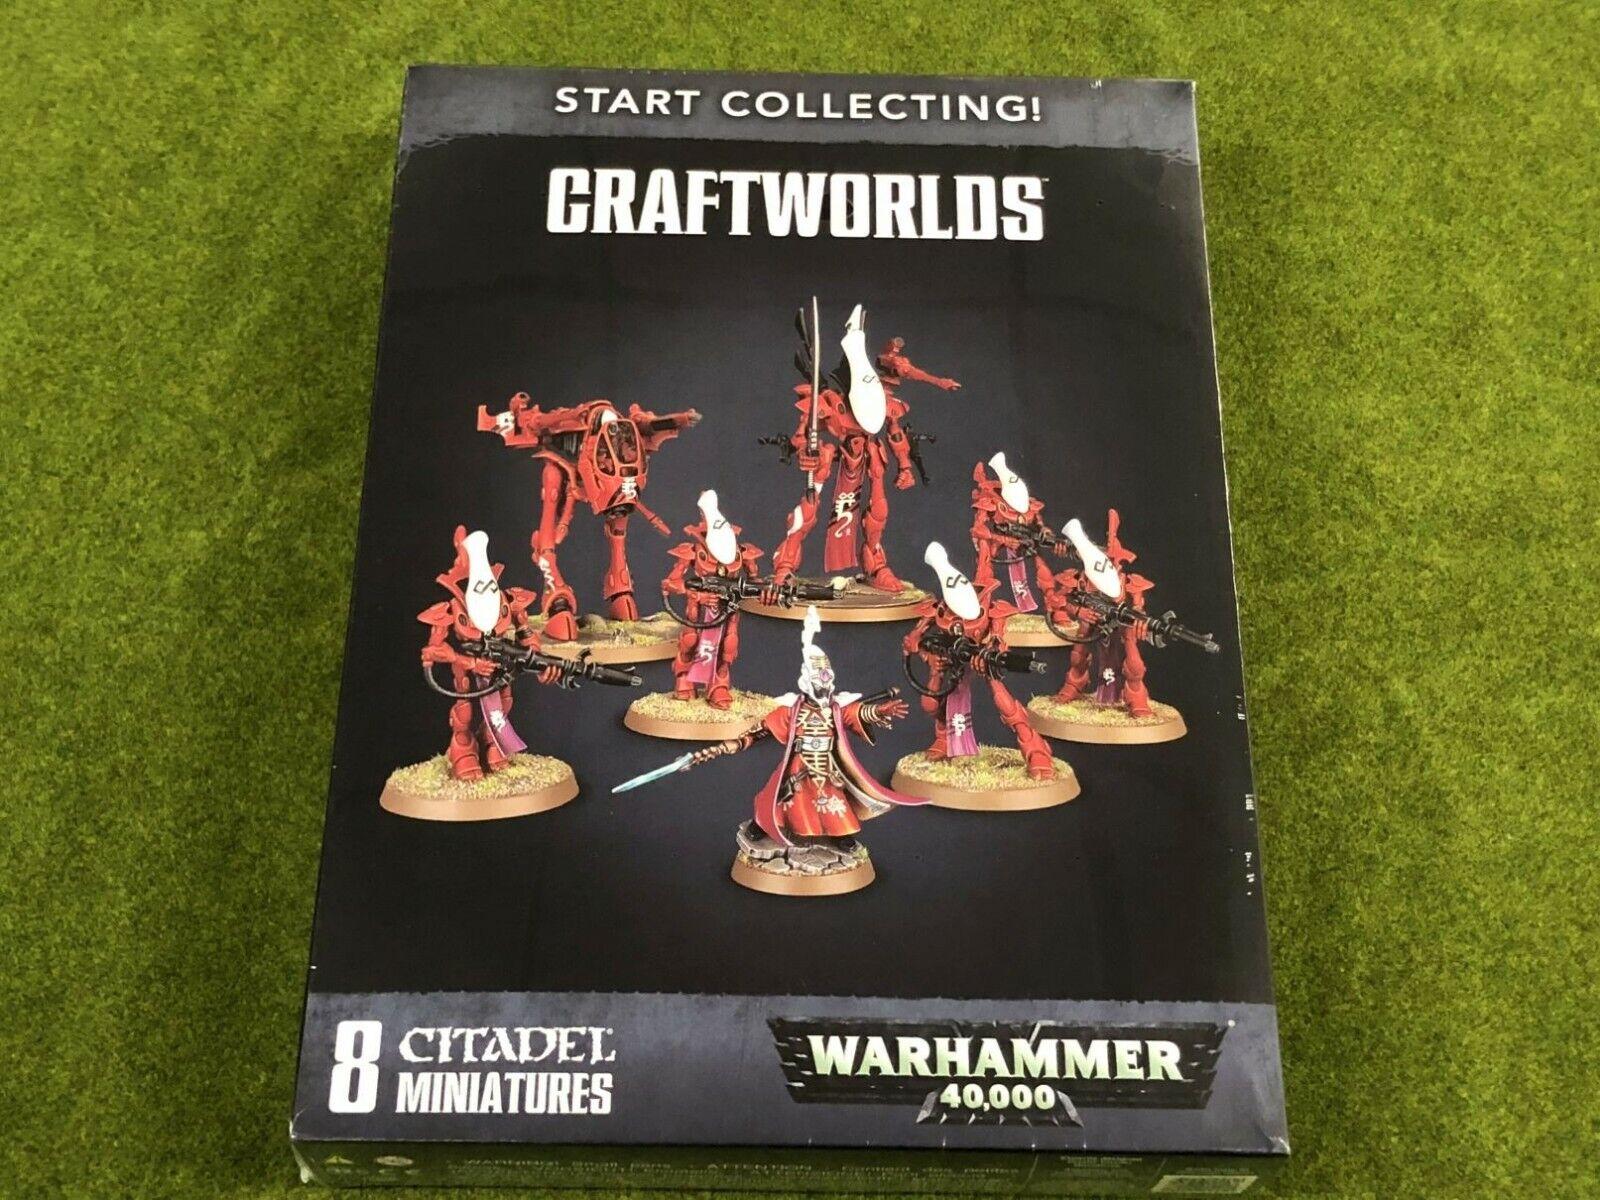 Empezar a recolectar  craftworlds-Envío Gratuito